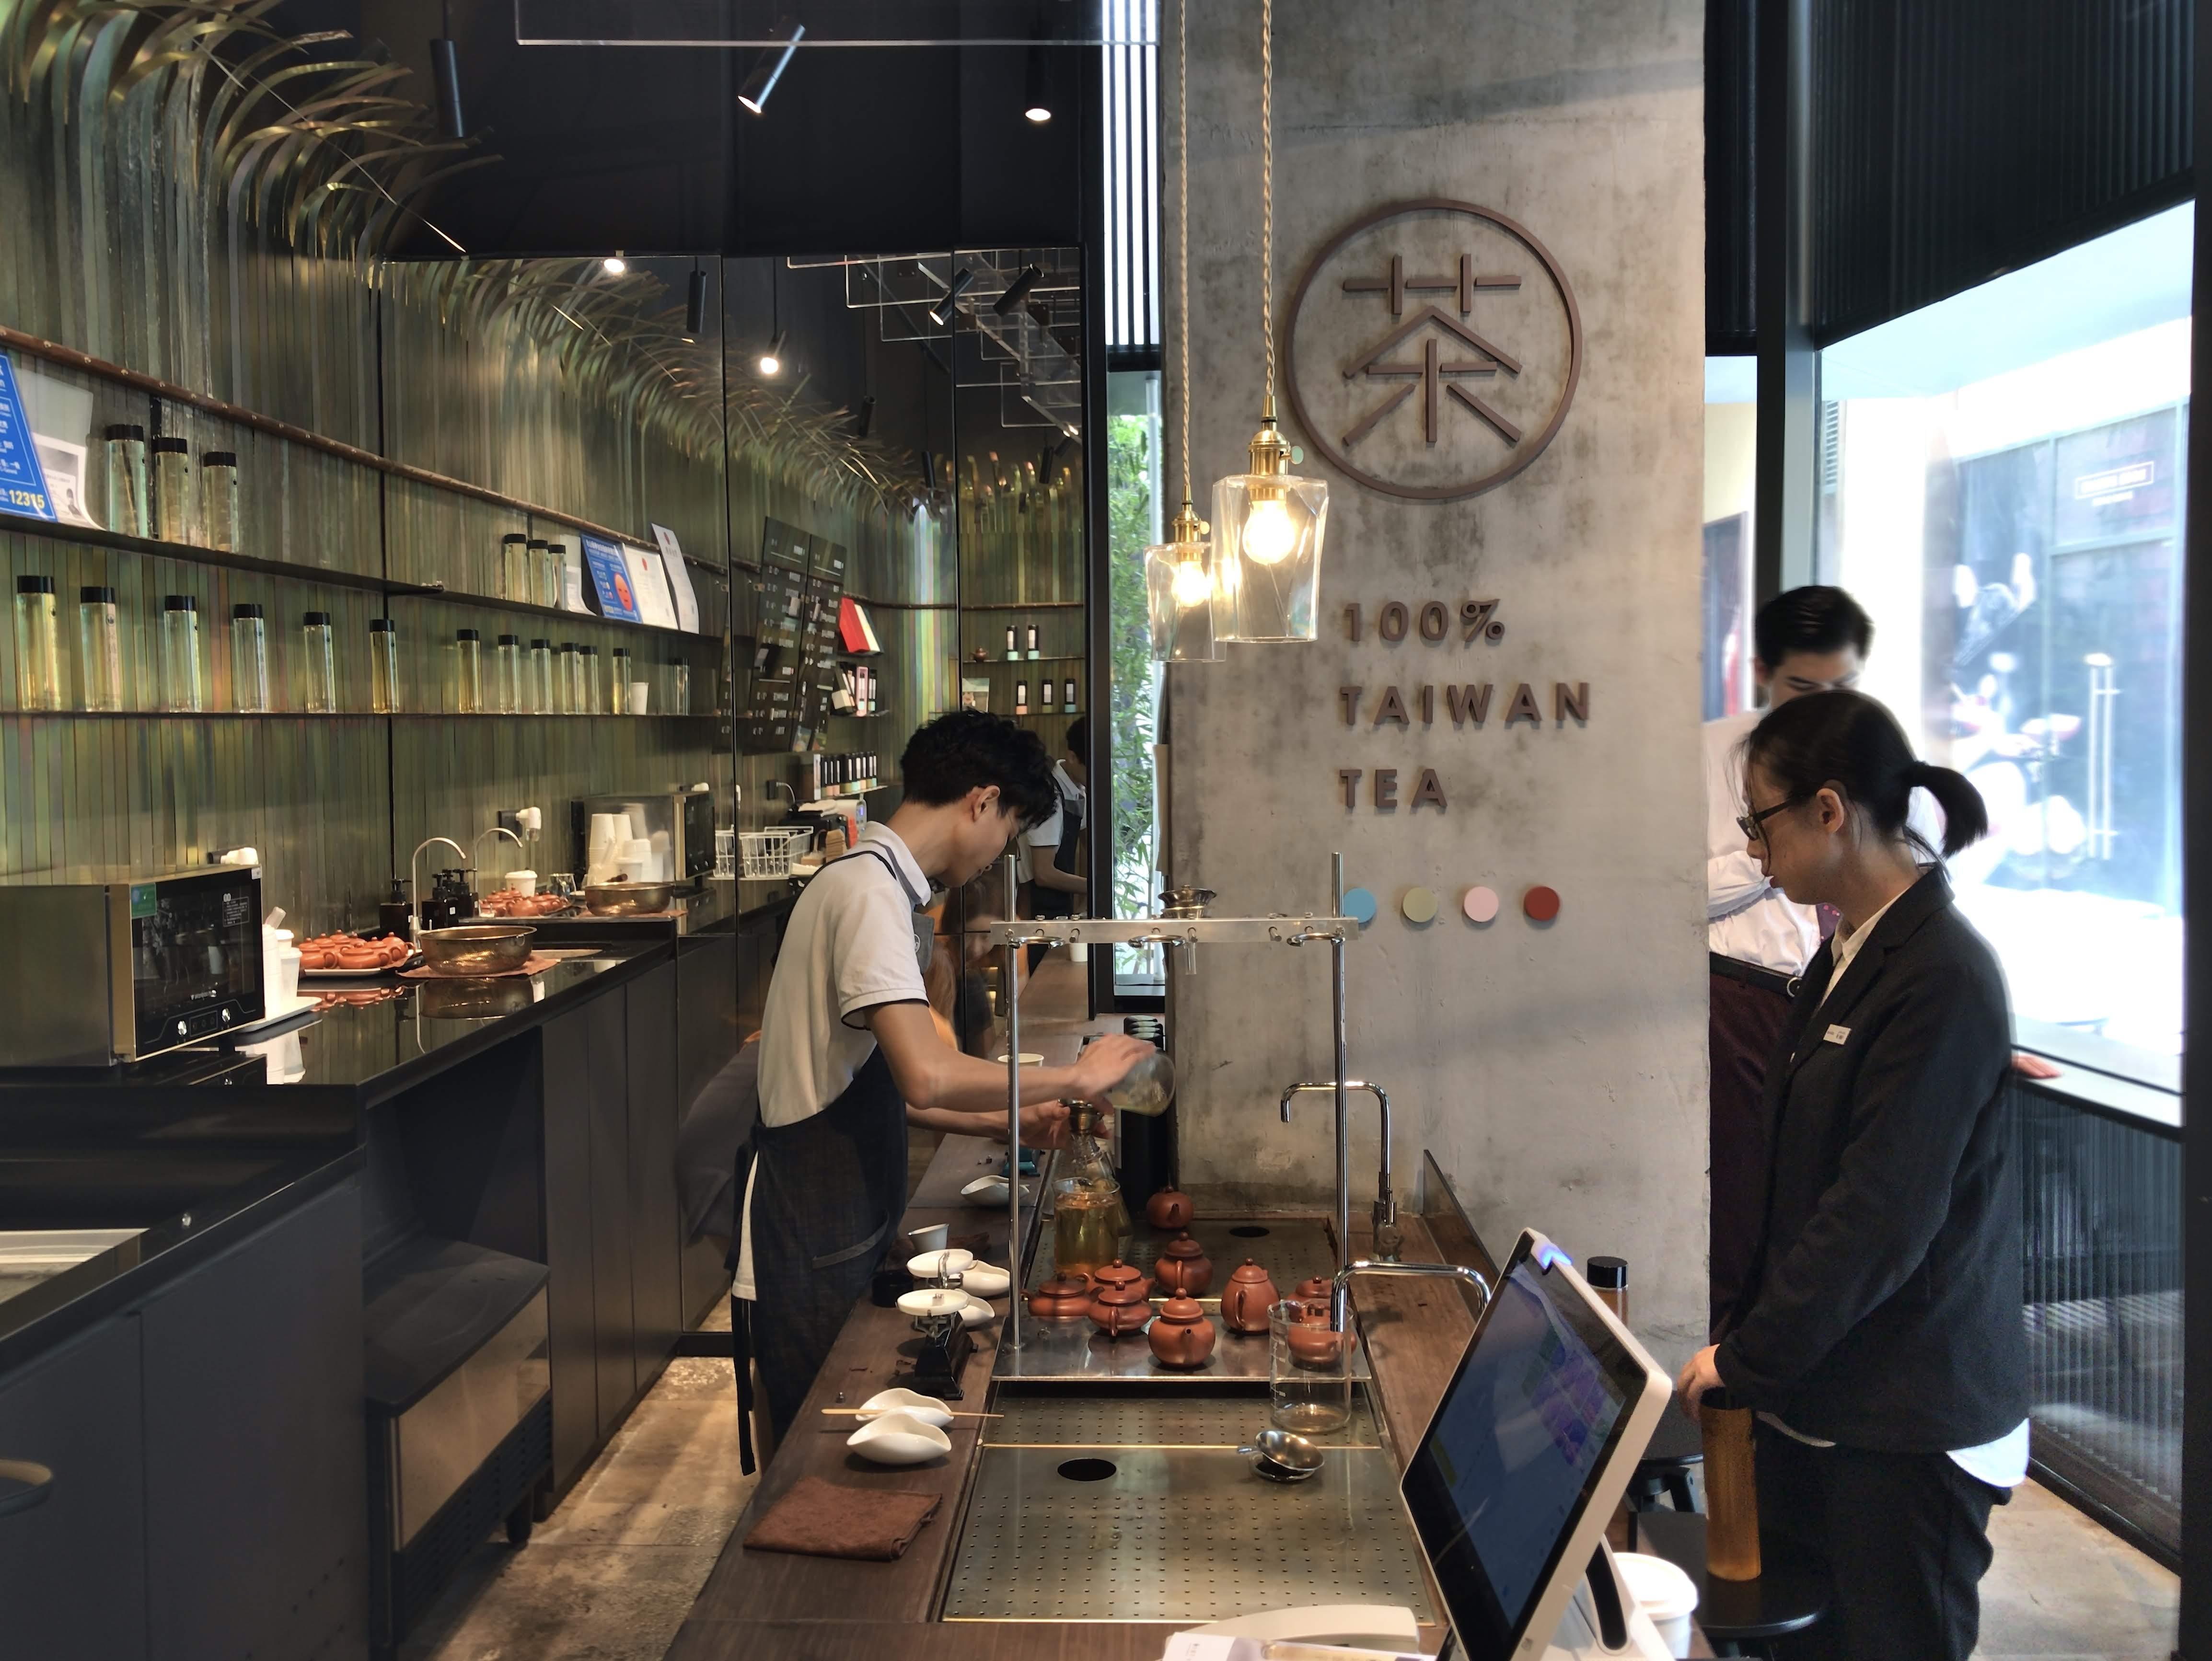 무지 호텔에서 5분 거리에 있는 대만 전통식 티 카페, 경성우(京盛宇) ©이승준